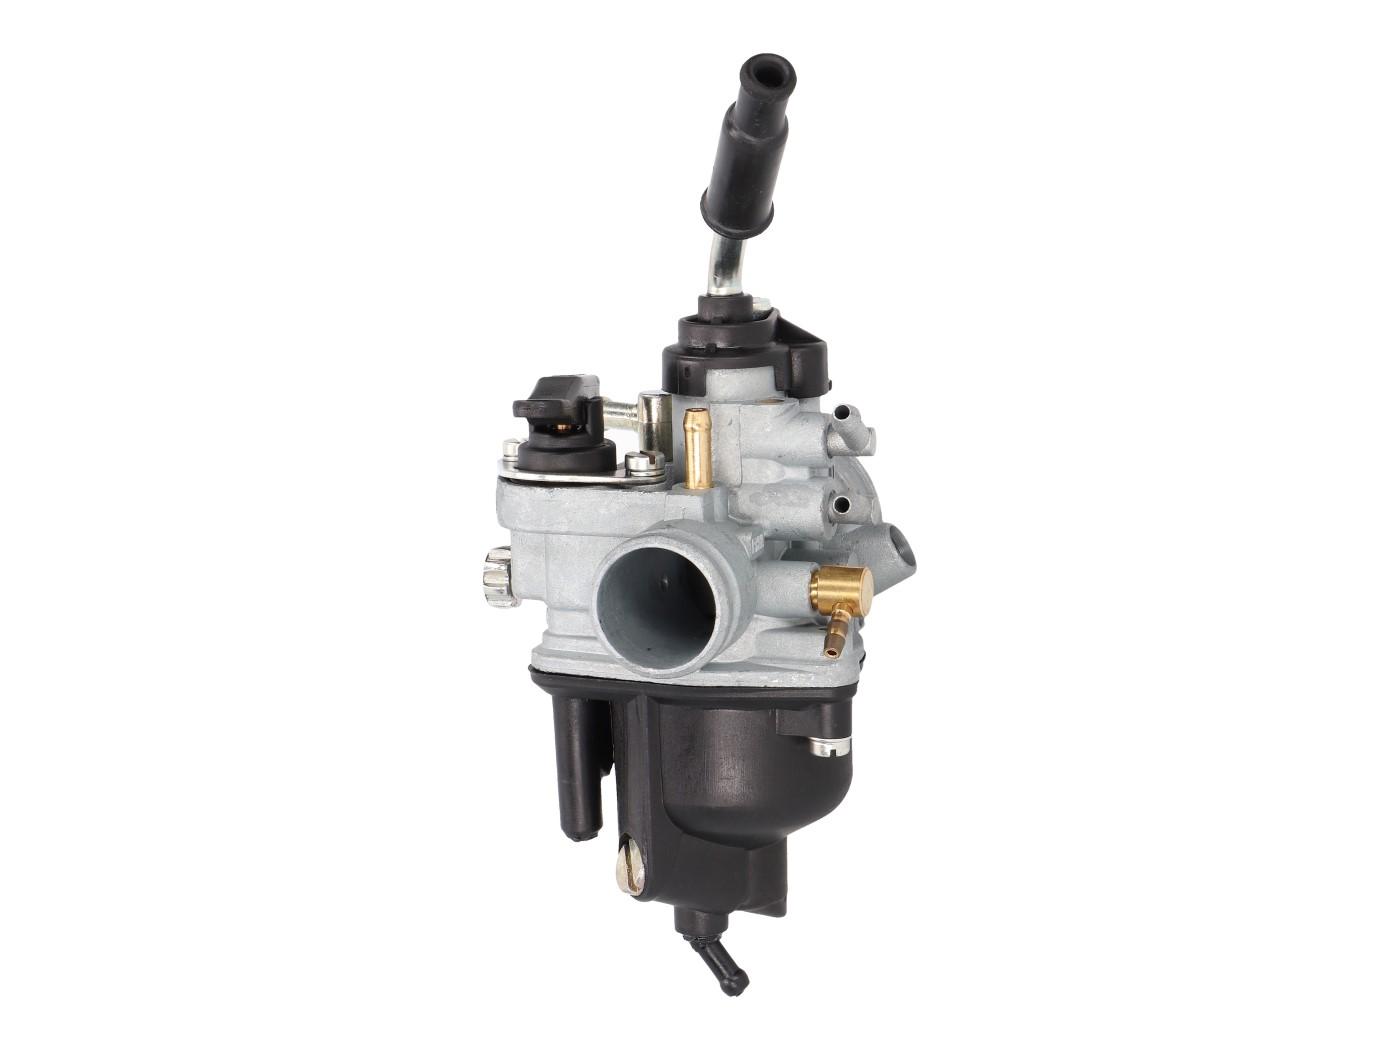 carburetor Dellorto PHVA 17 5 w manual choke for Piaggio